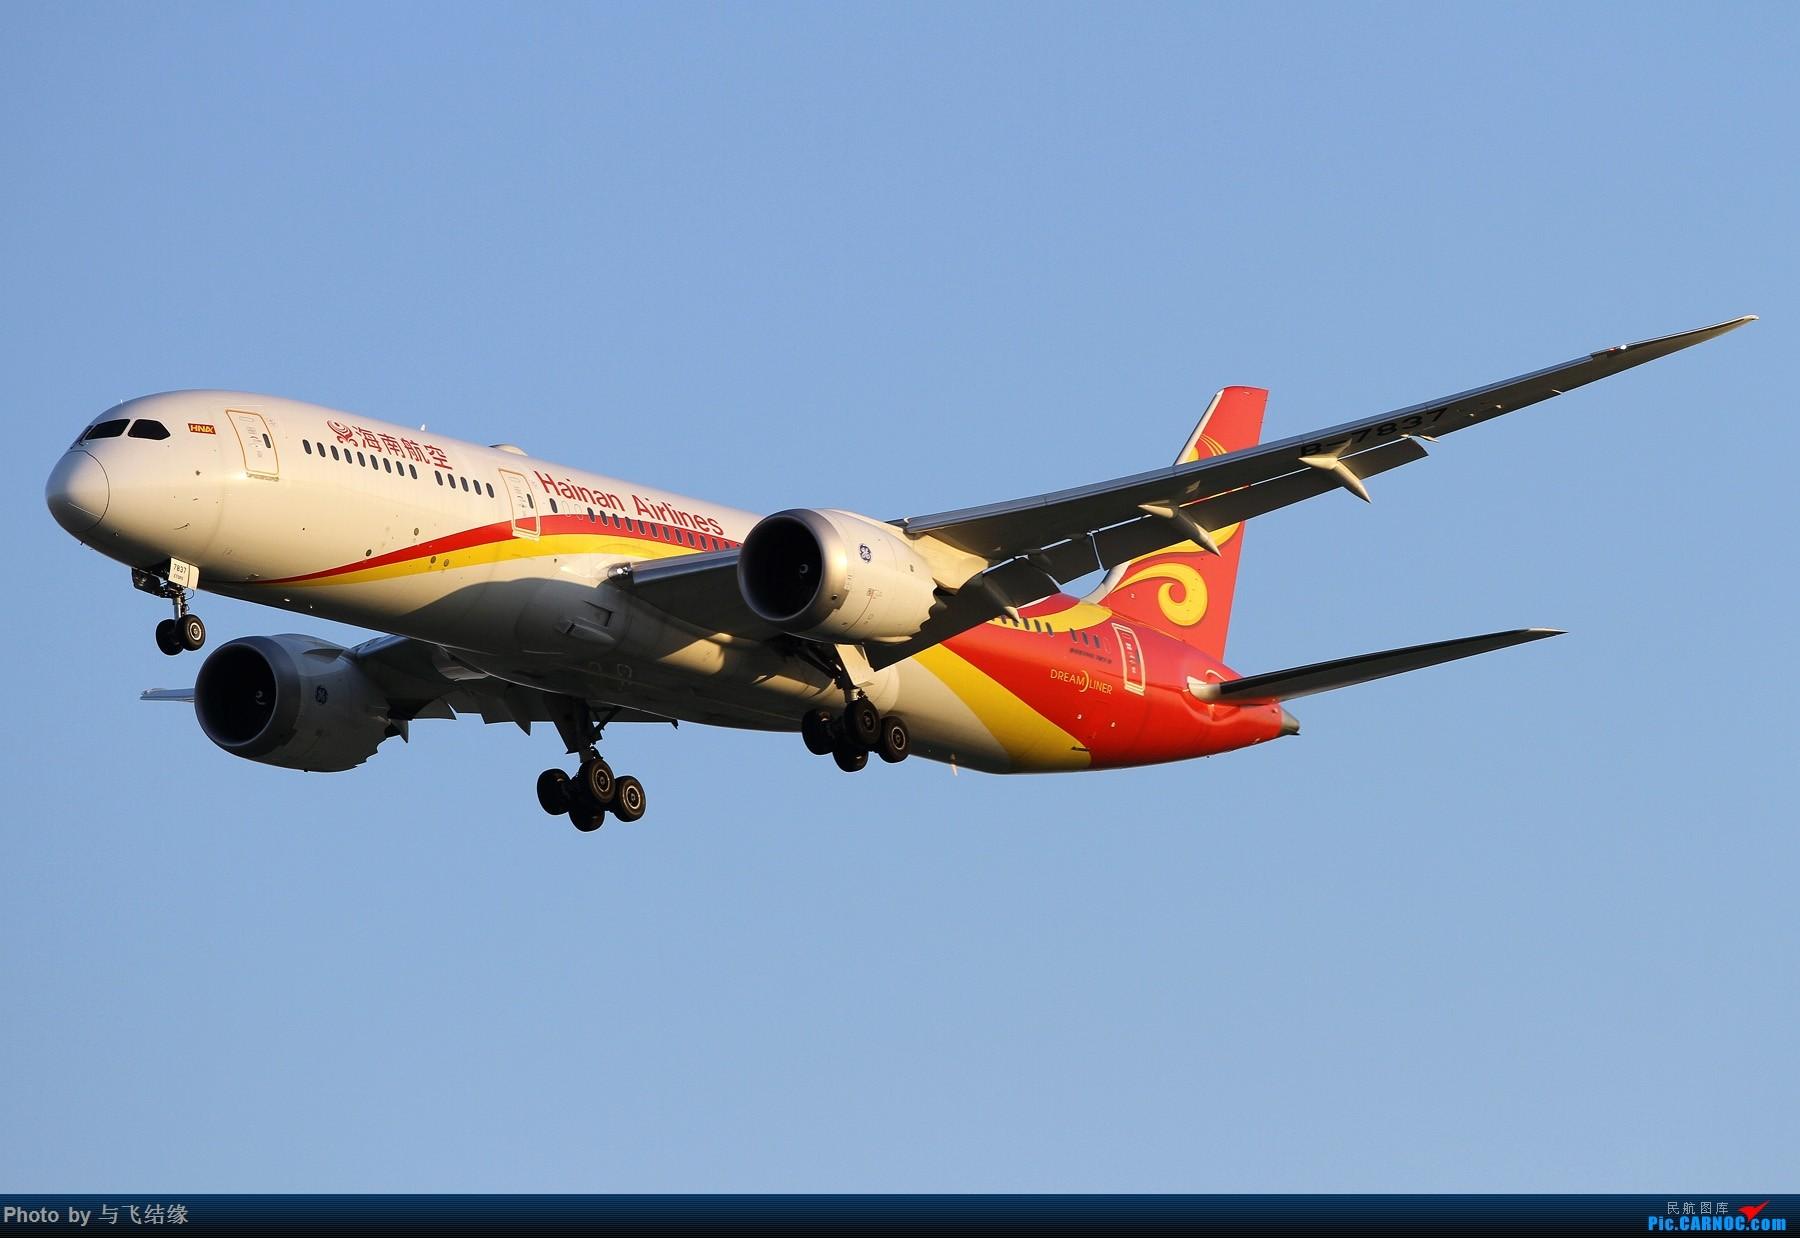 Re:[原创]十二月十号天气不错,楼了几张拙作出来露个脸发一下。 BOEING 787-9 B-7837 中国北京首都国际机场